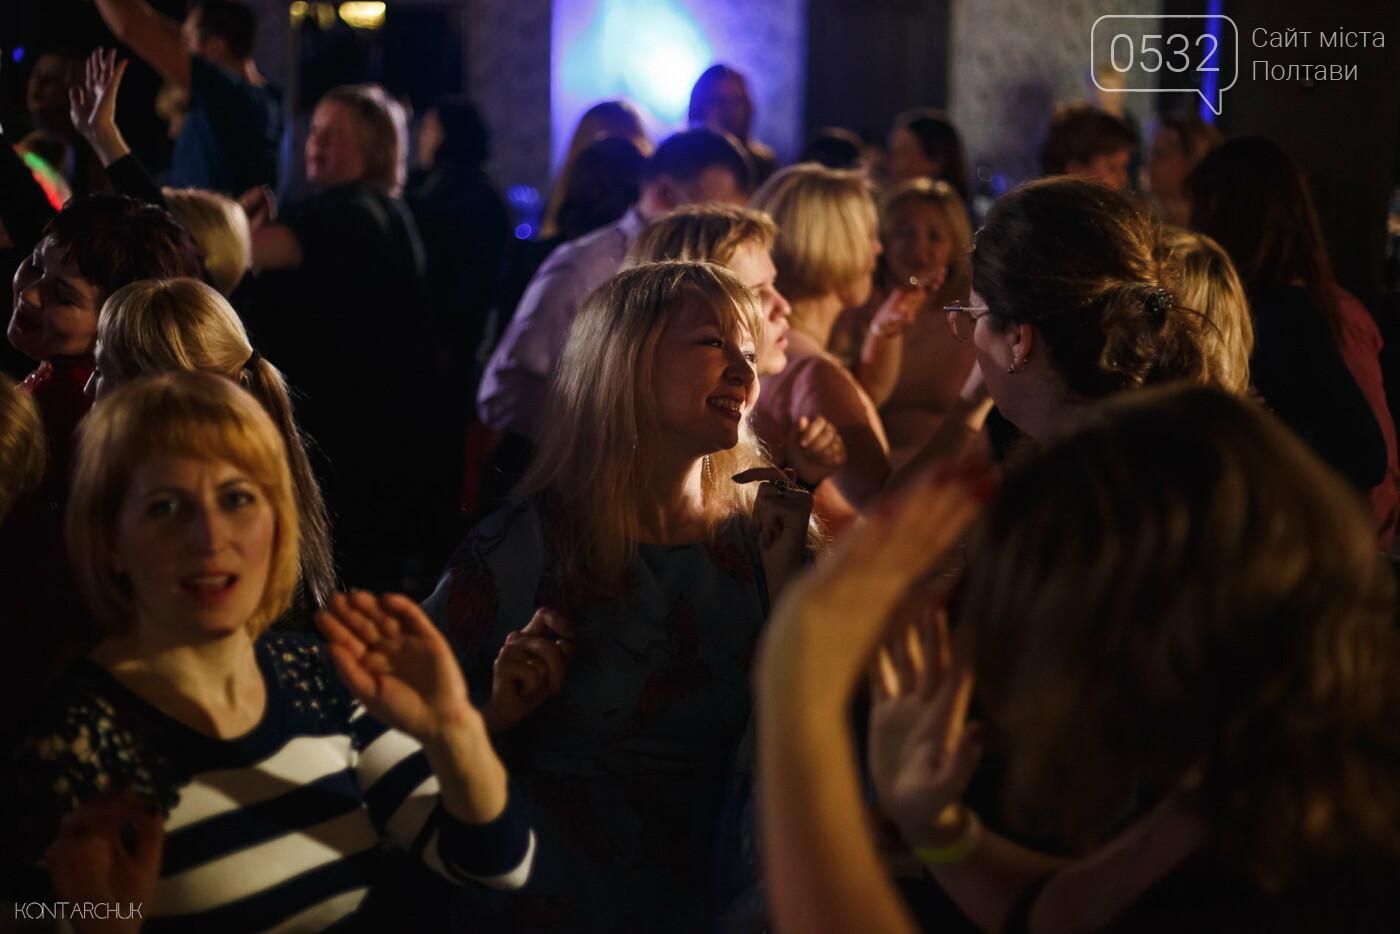 Дискотека 80-х запрошує полтавців на пекельну геловінську вечірку (ФОТО, ВІДЕО), фото-13